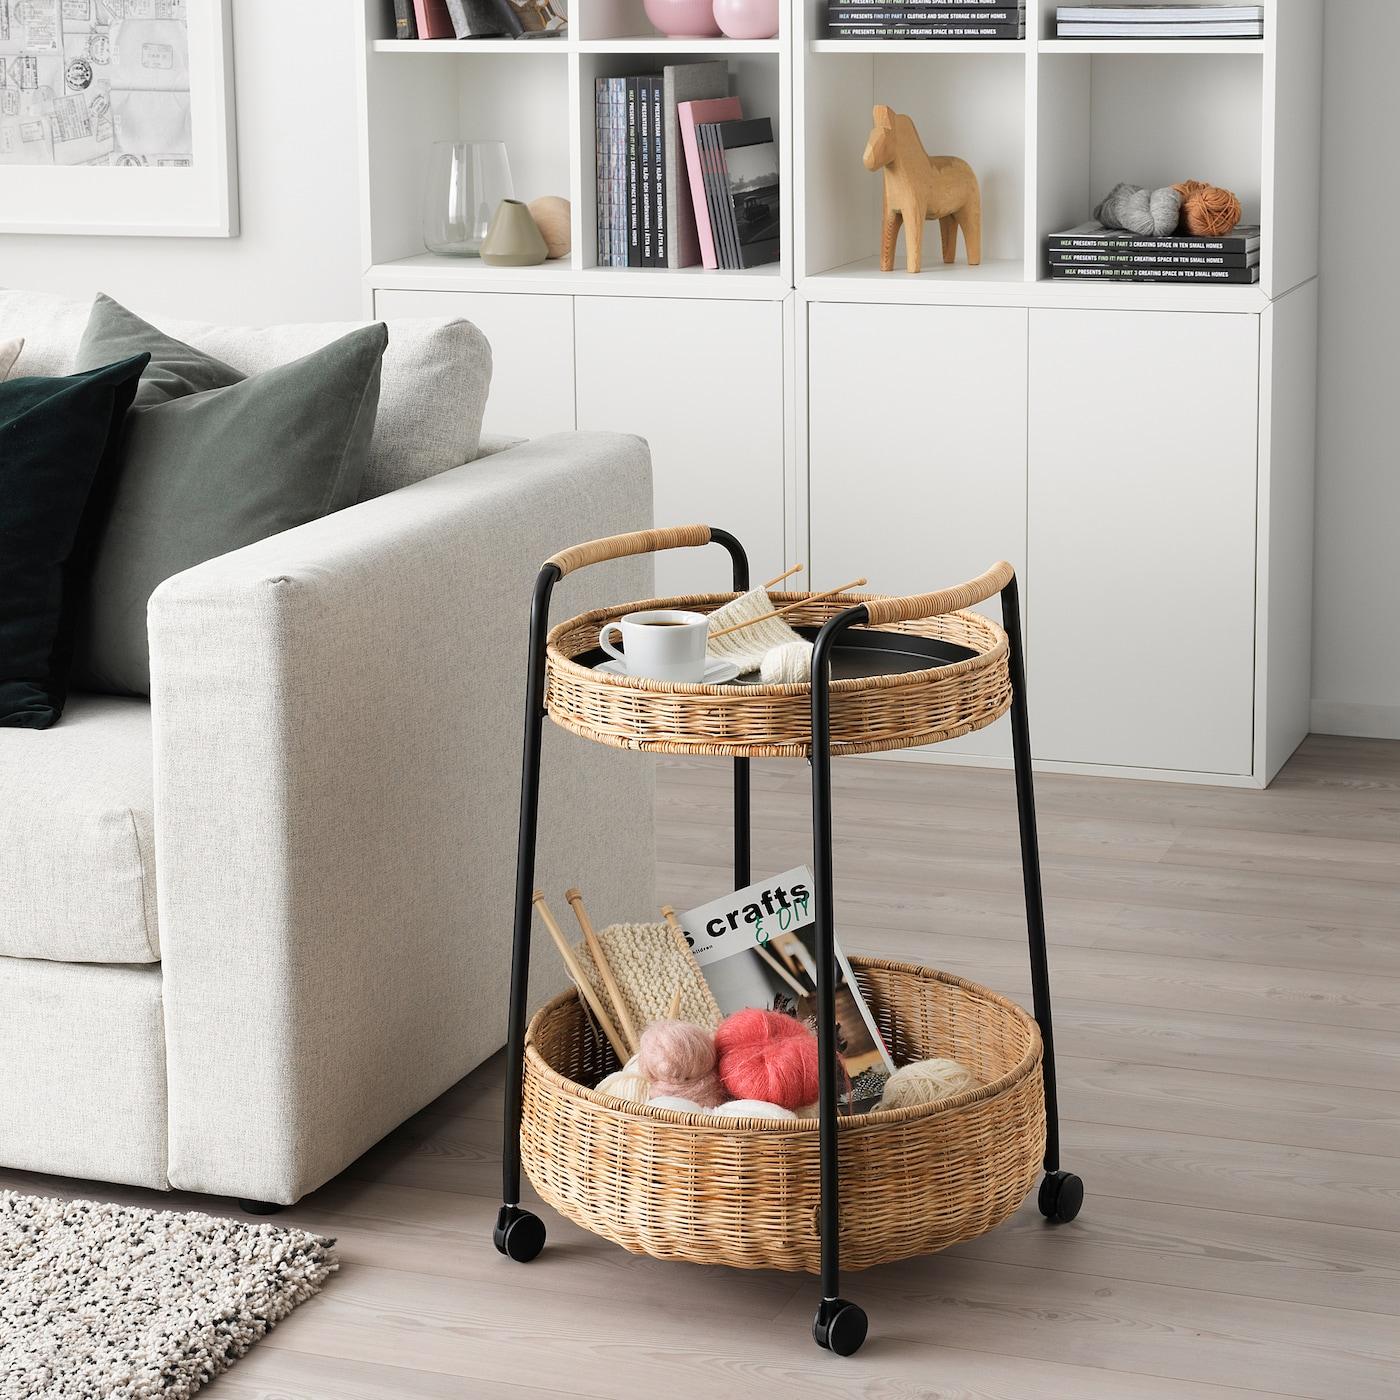 Full Size of Rattan Beistelltisch Ikea Garten Modulküche Sofa Mit Schlaffunktion Küche Kaufen Miniküche Kosten Rattanmöbel Polyrattan Bett Betten Bei 160x200 Wohnzimmer Rattan Beistelltisch Ikea